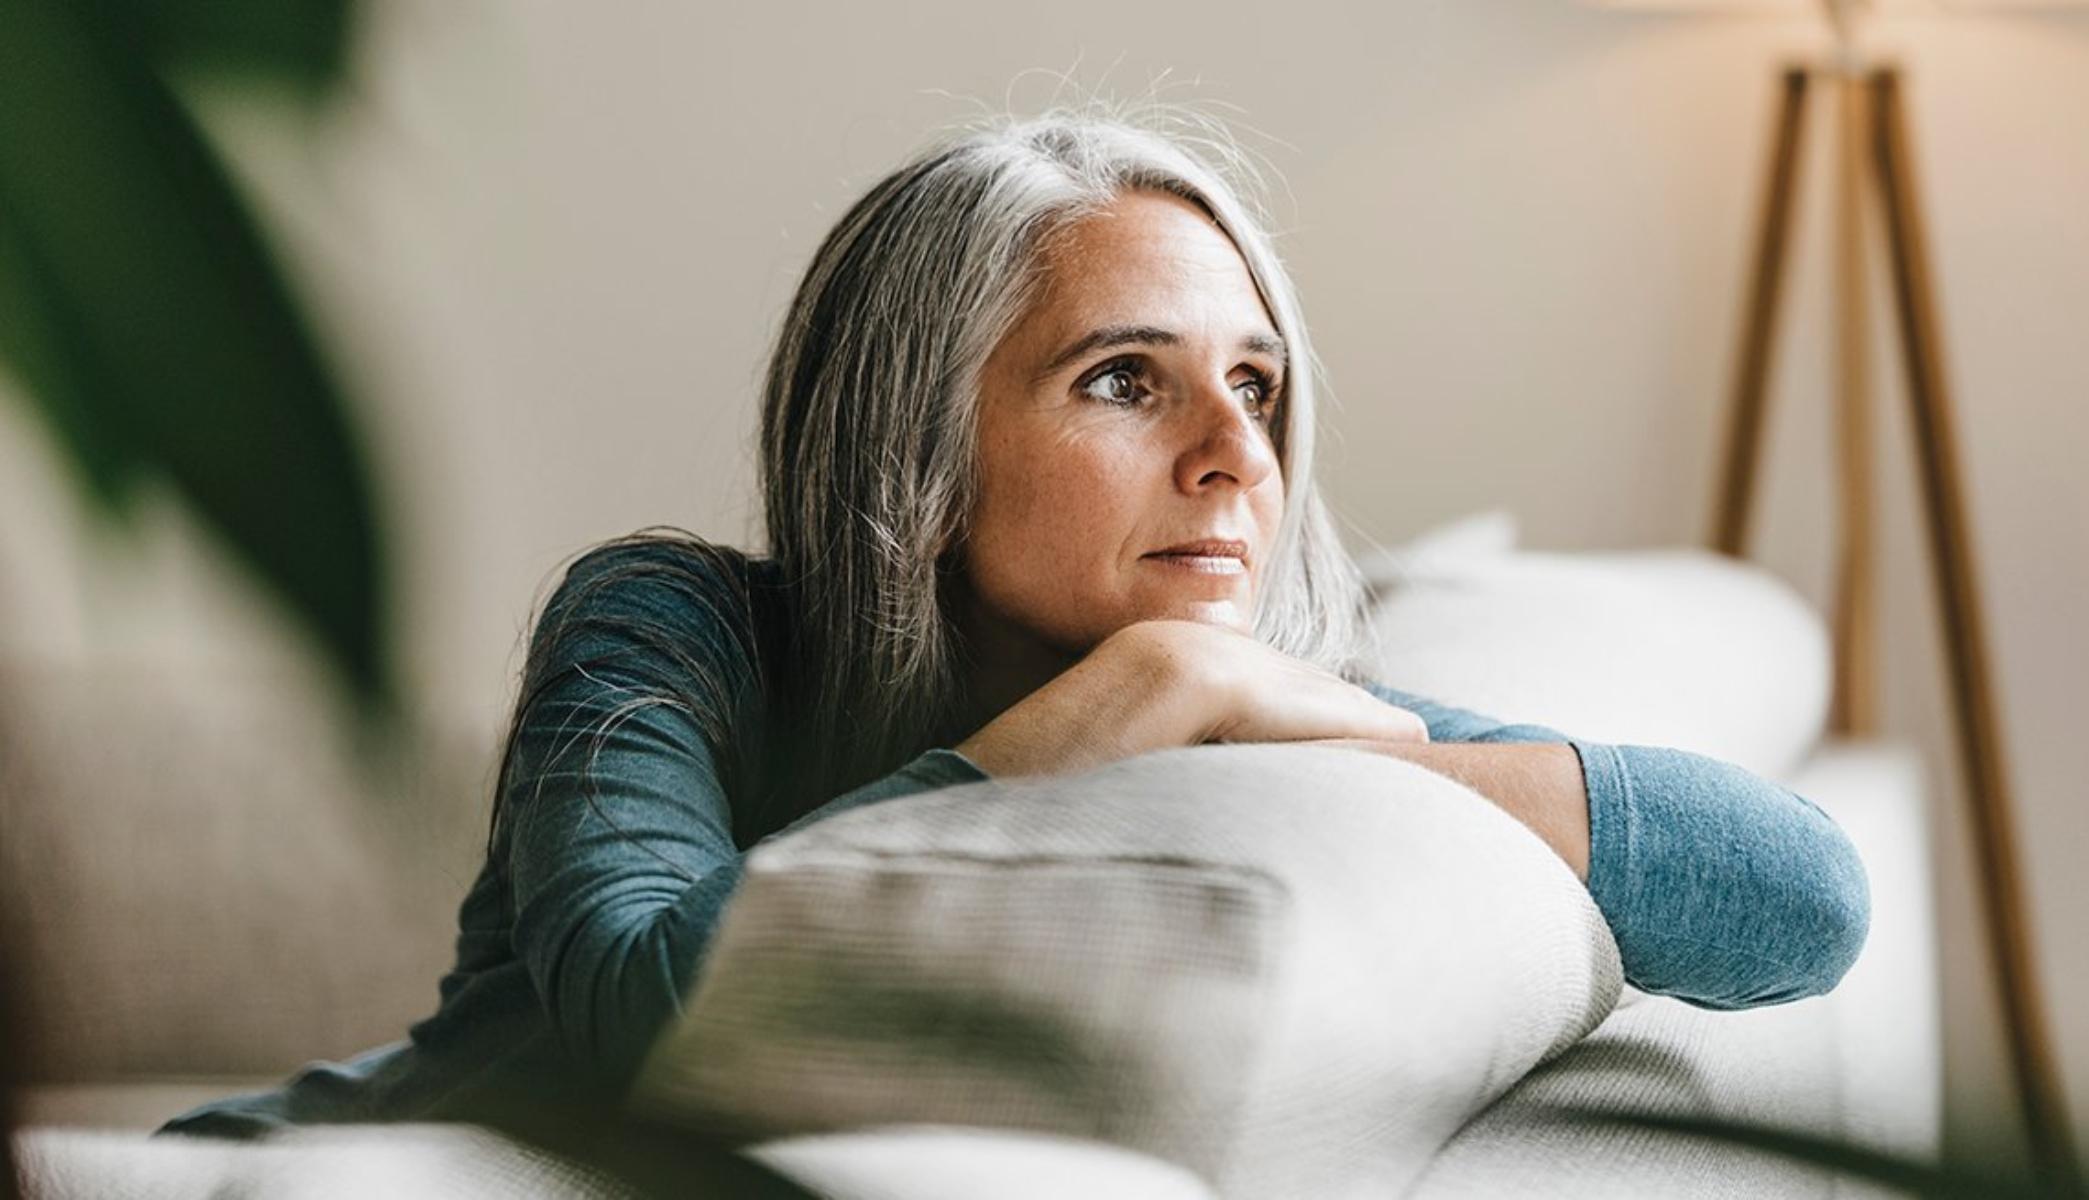 Πανδημία συναισθήματα: Πώς να αντιμετωπίσετε την ενοχή που νιώθετε